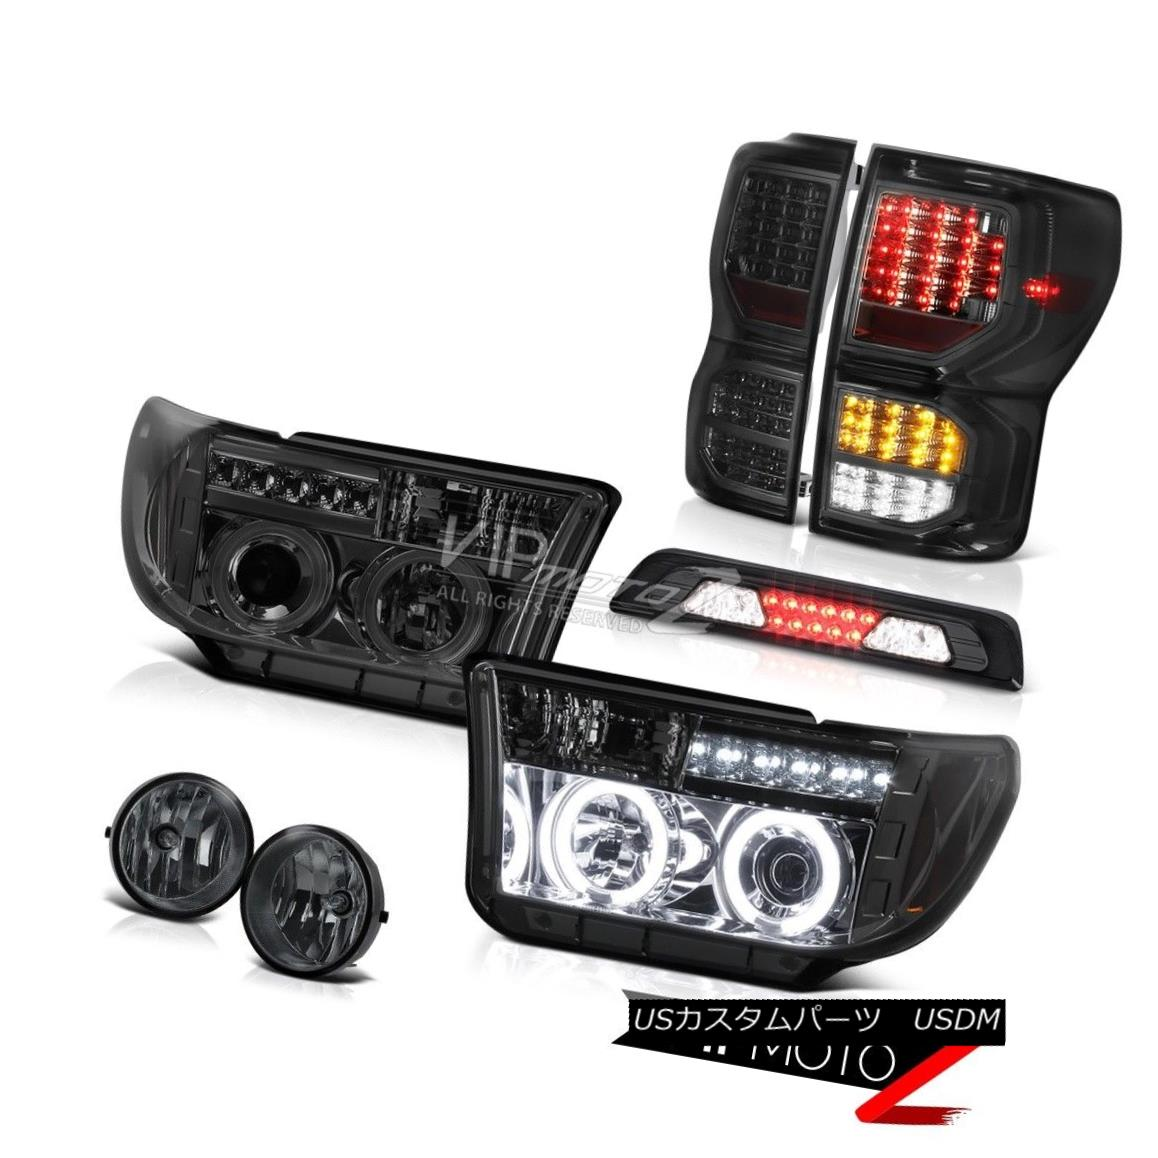 ヘッドライト 07-13 Toyota Tundra SR5 Smoked Taillights High Stop Light Headlights Fog Lamps 07-13トヨタ・トンドラSR5スモーク・テールライトハイストップ・ライト・ヘッドライトフォグランプ